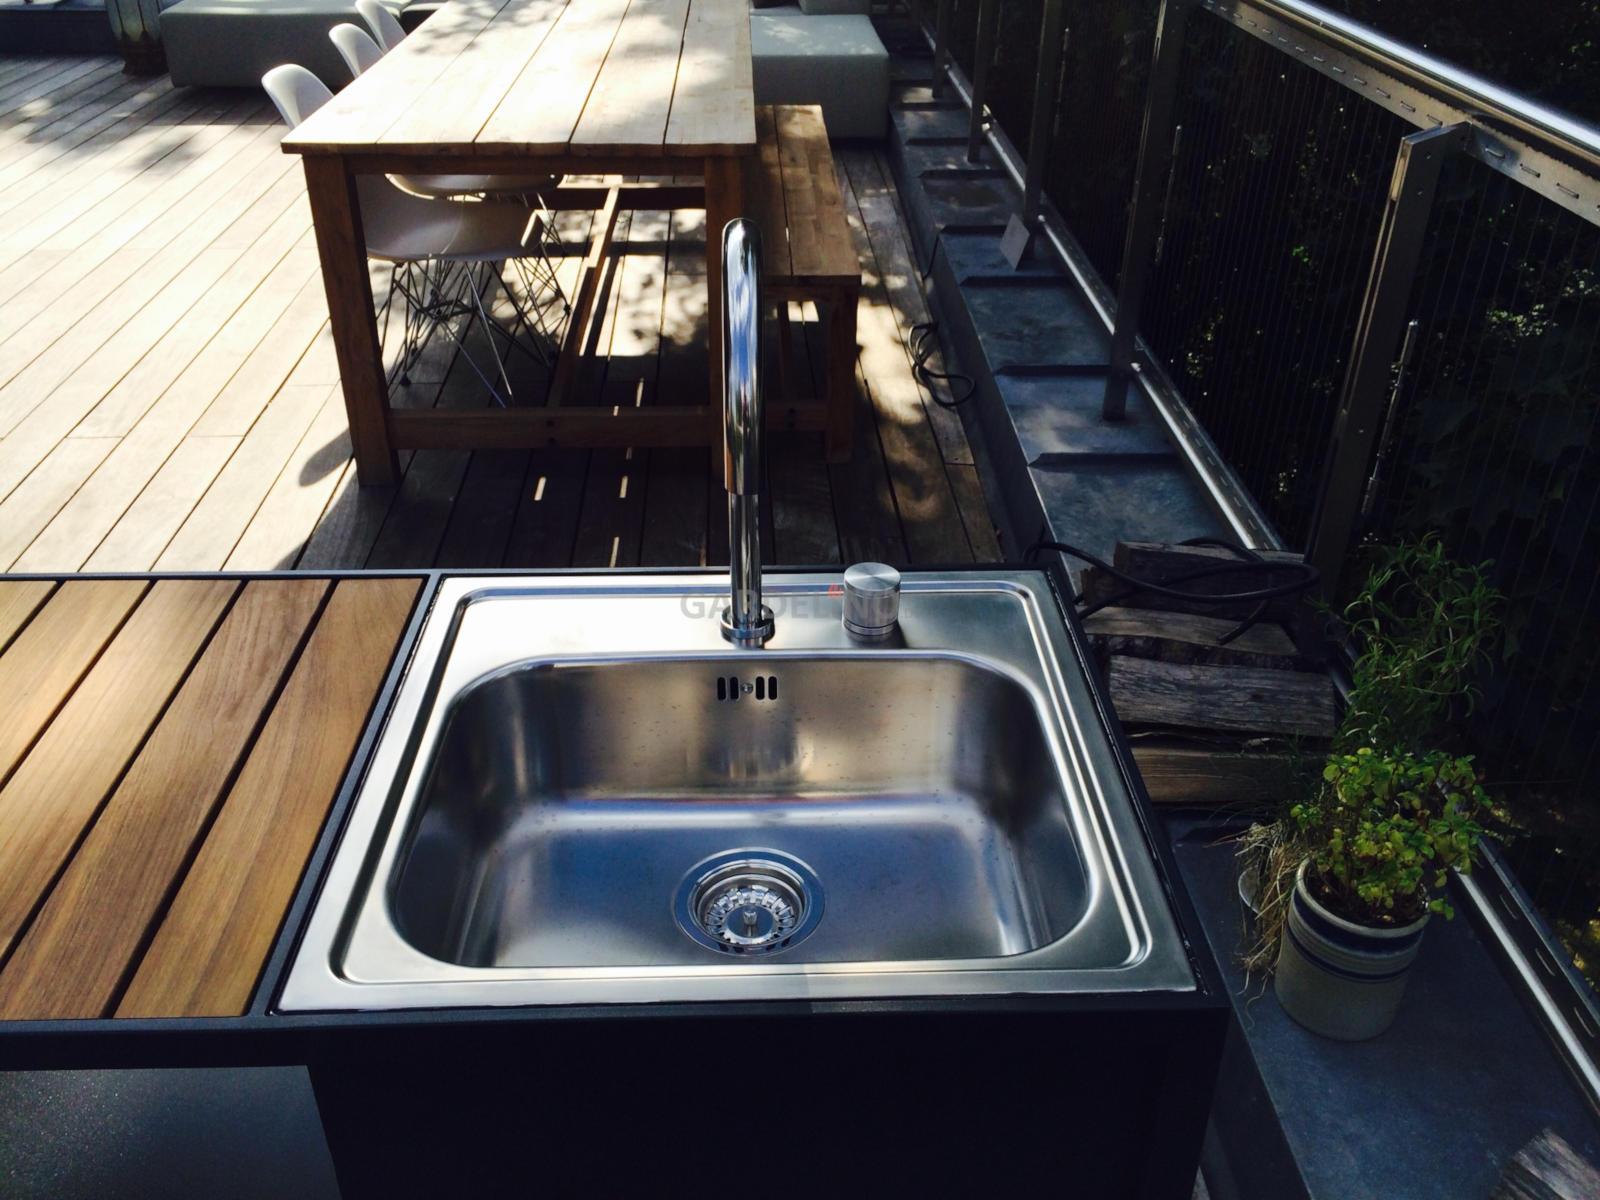 Outdoor Küche Hersteller : Spüle für die outdoor küche und den garten